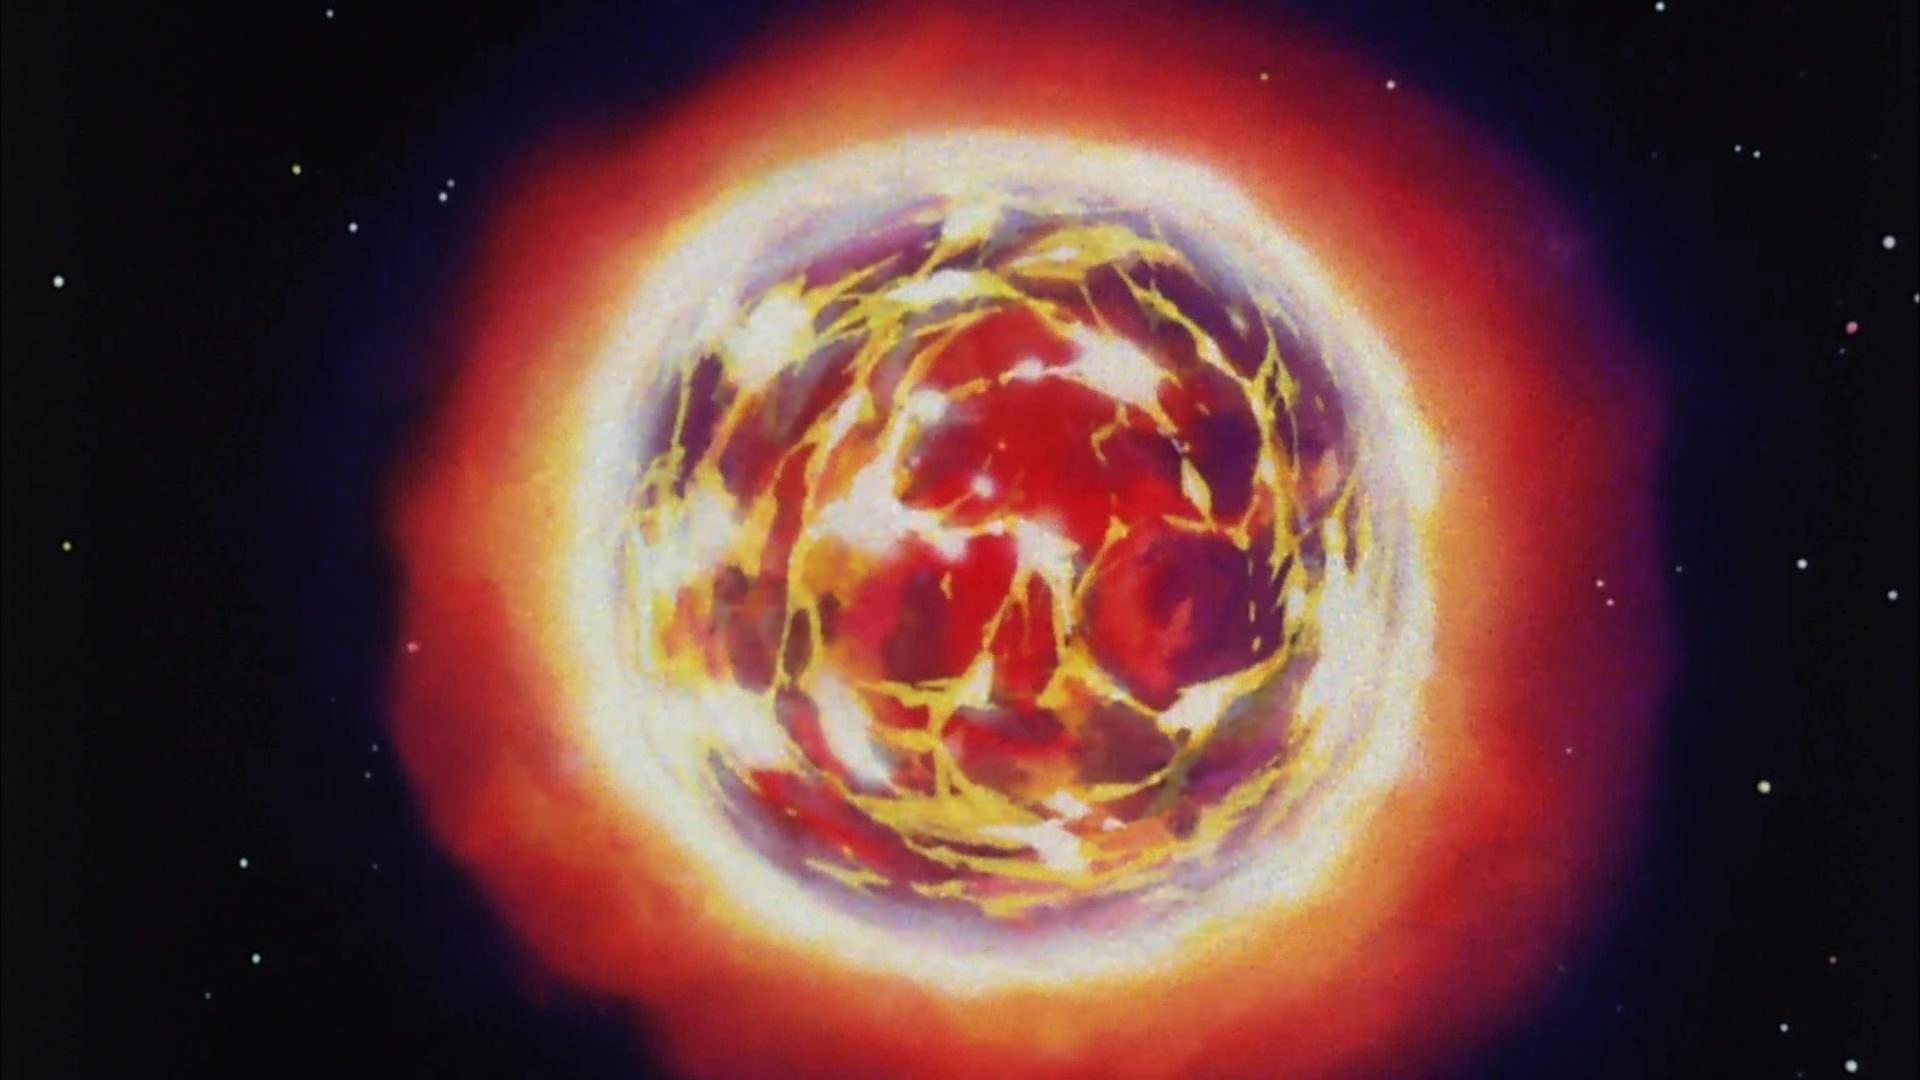 dragon ball z planet vegeta